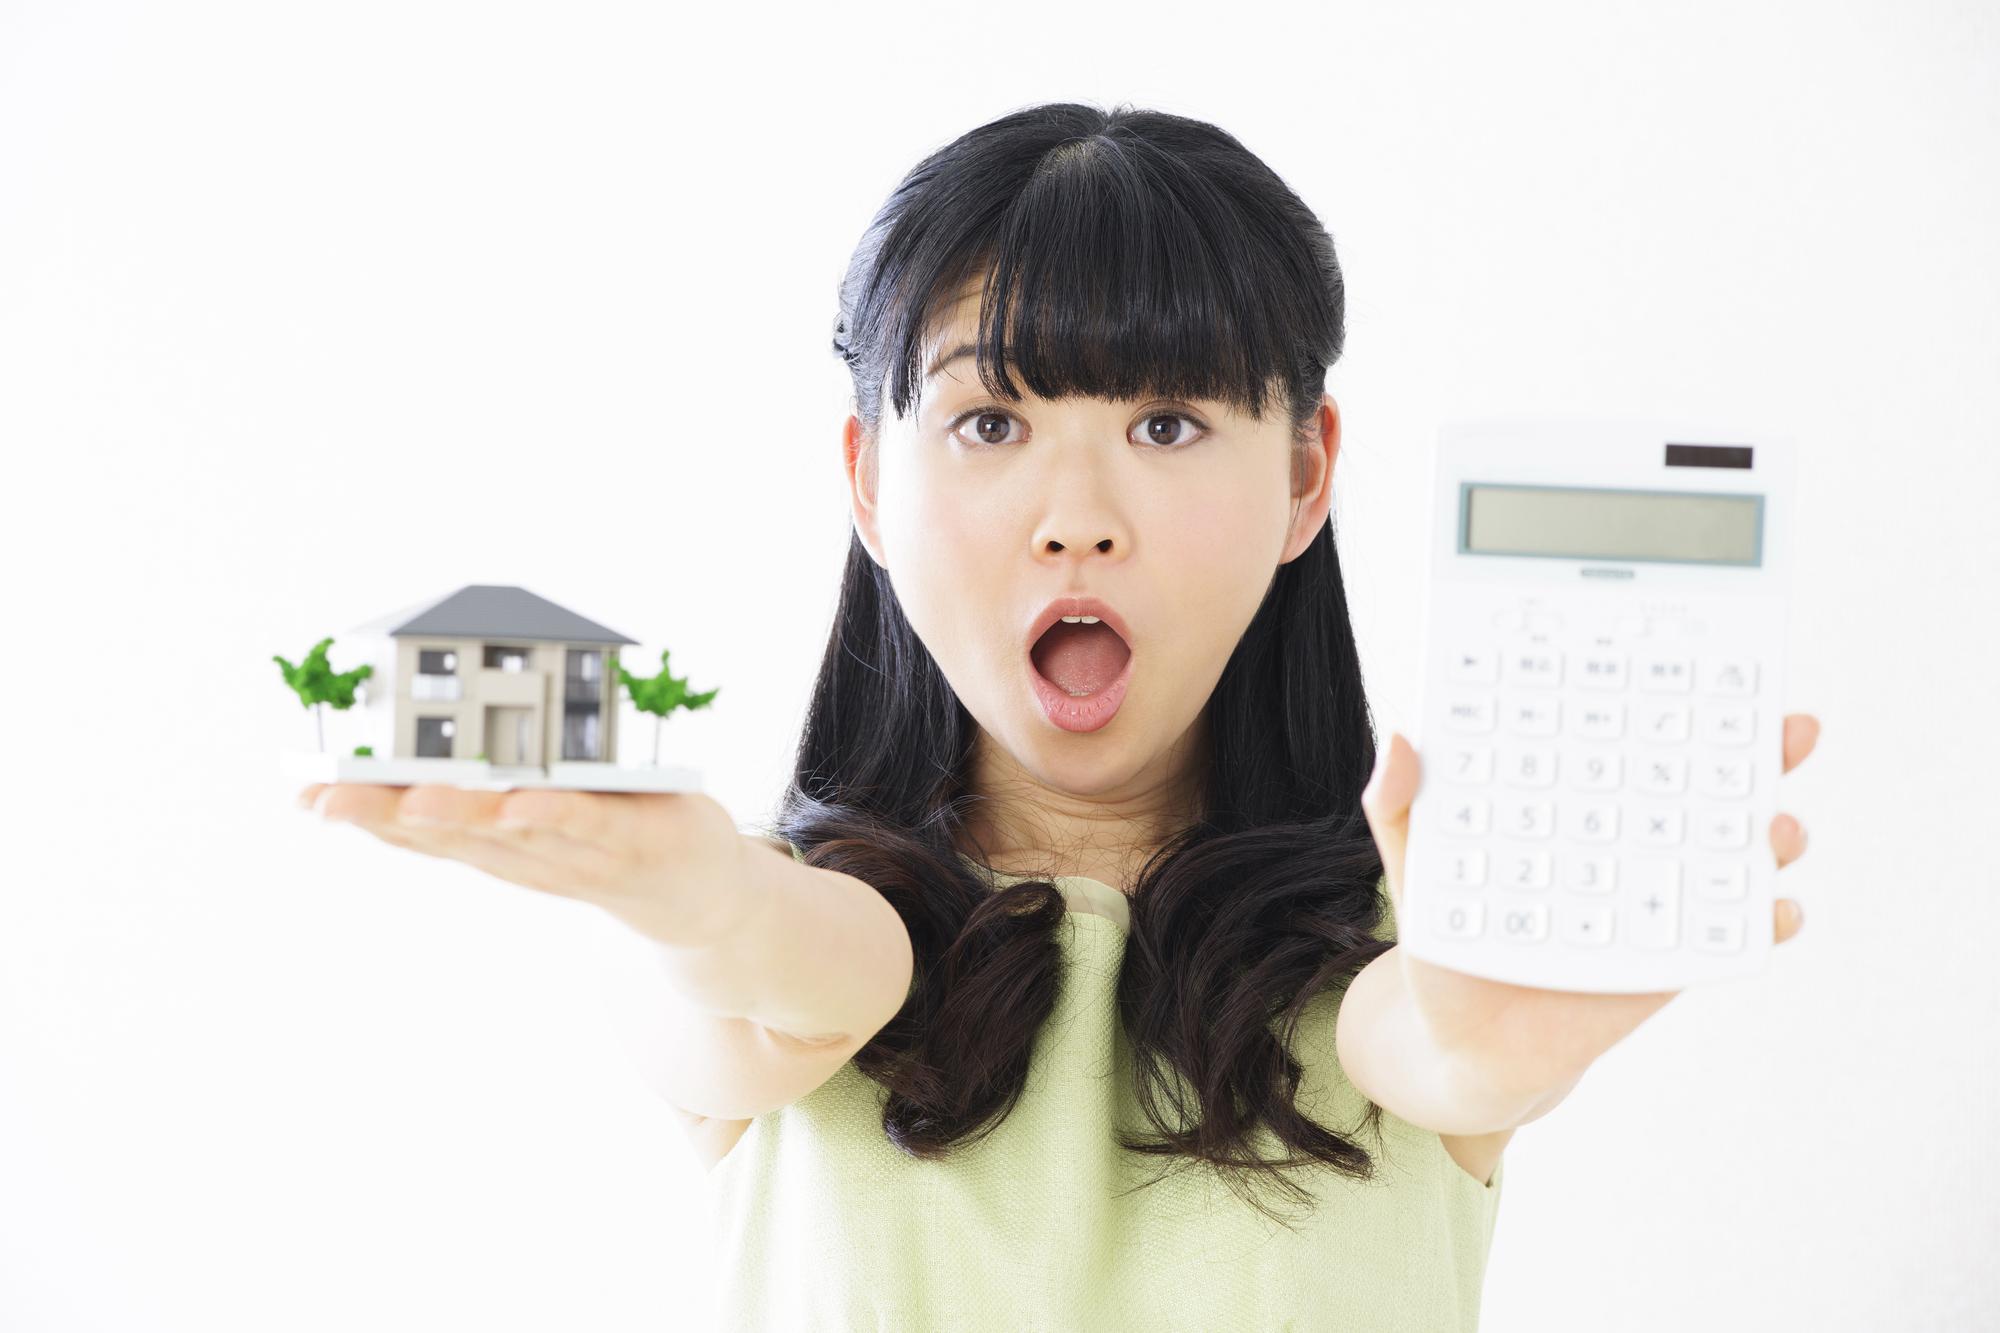 電卓と住宅と女性